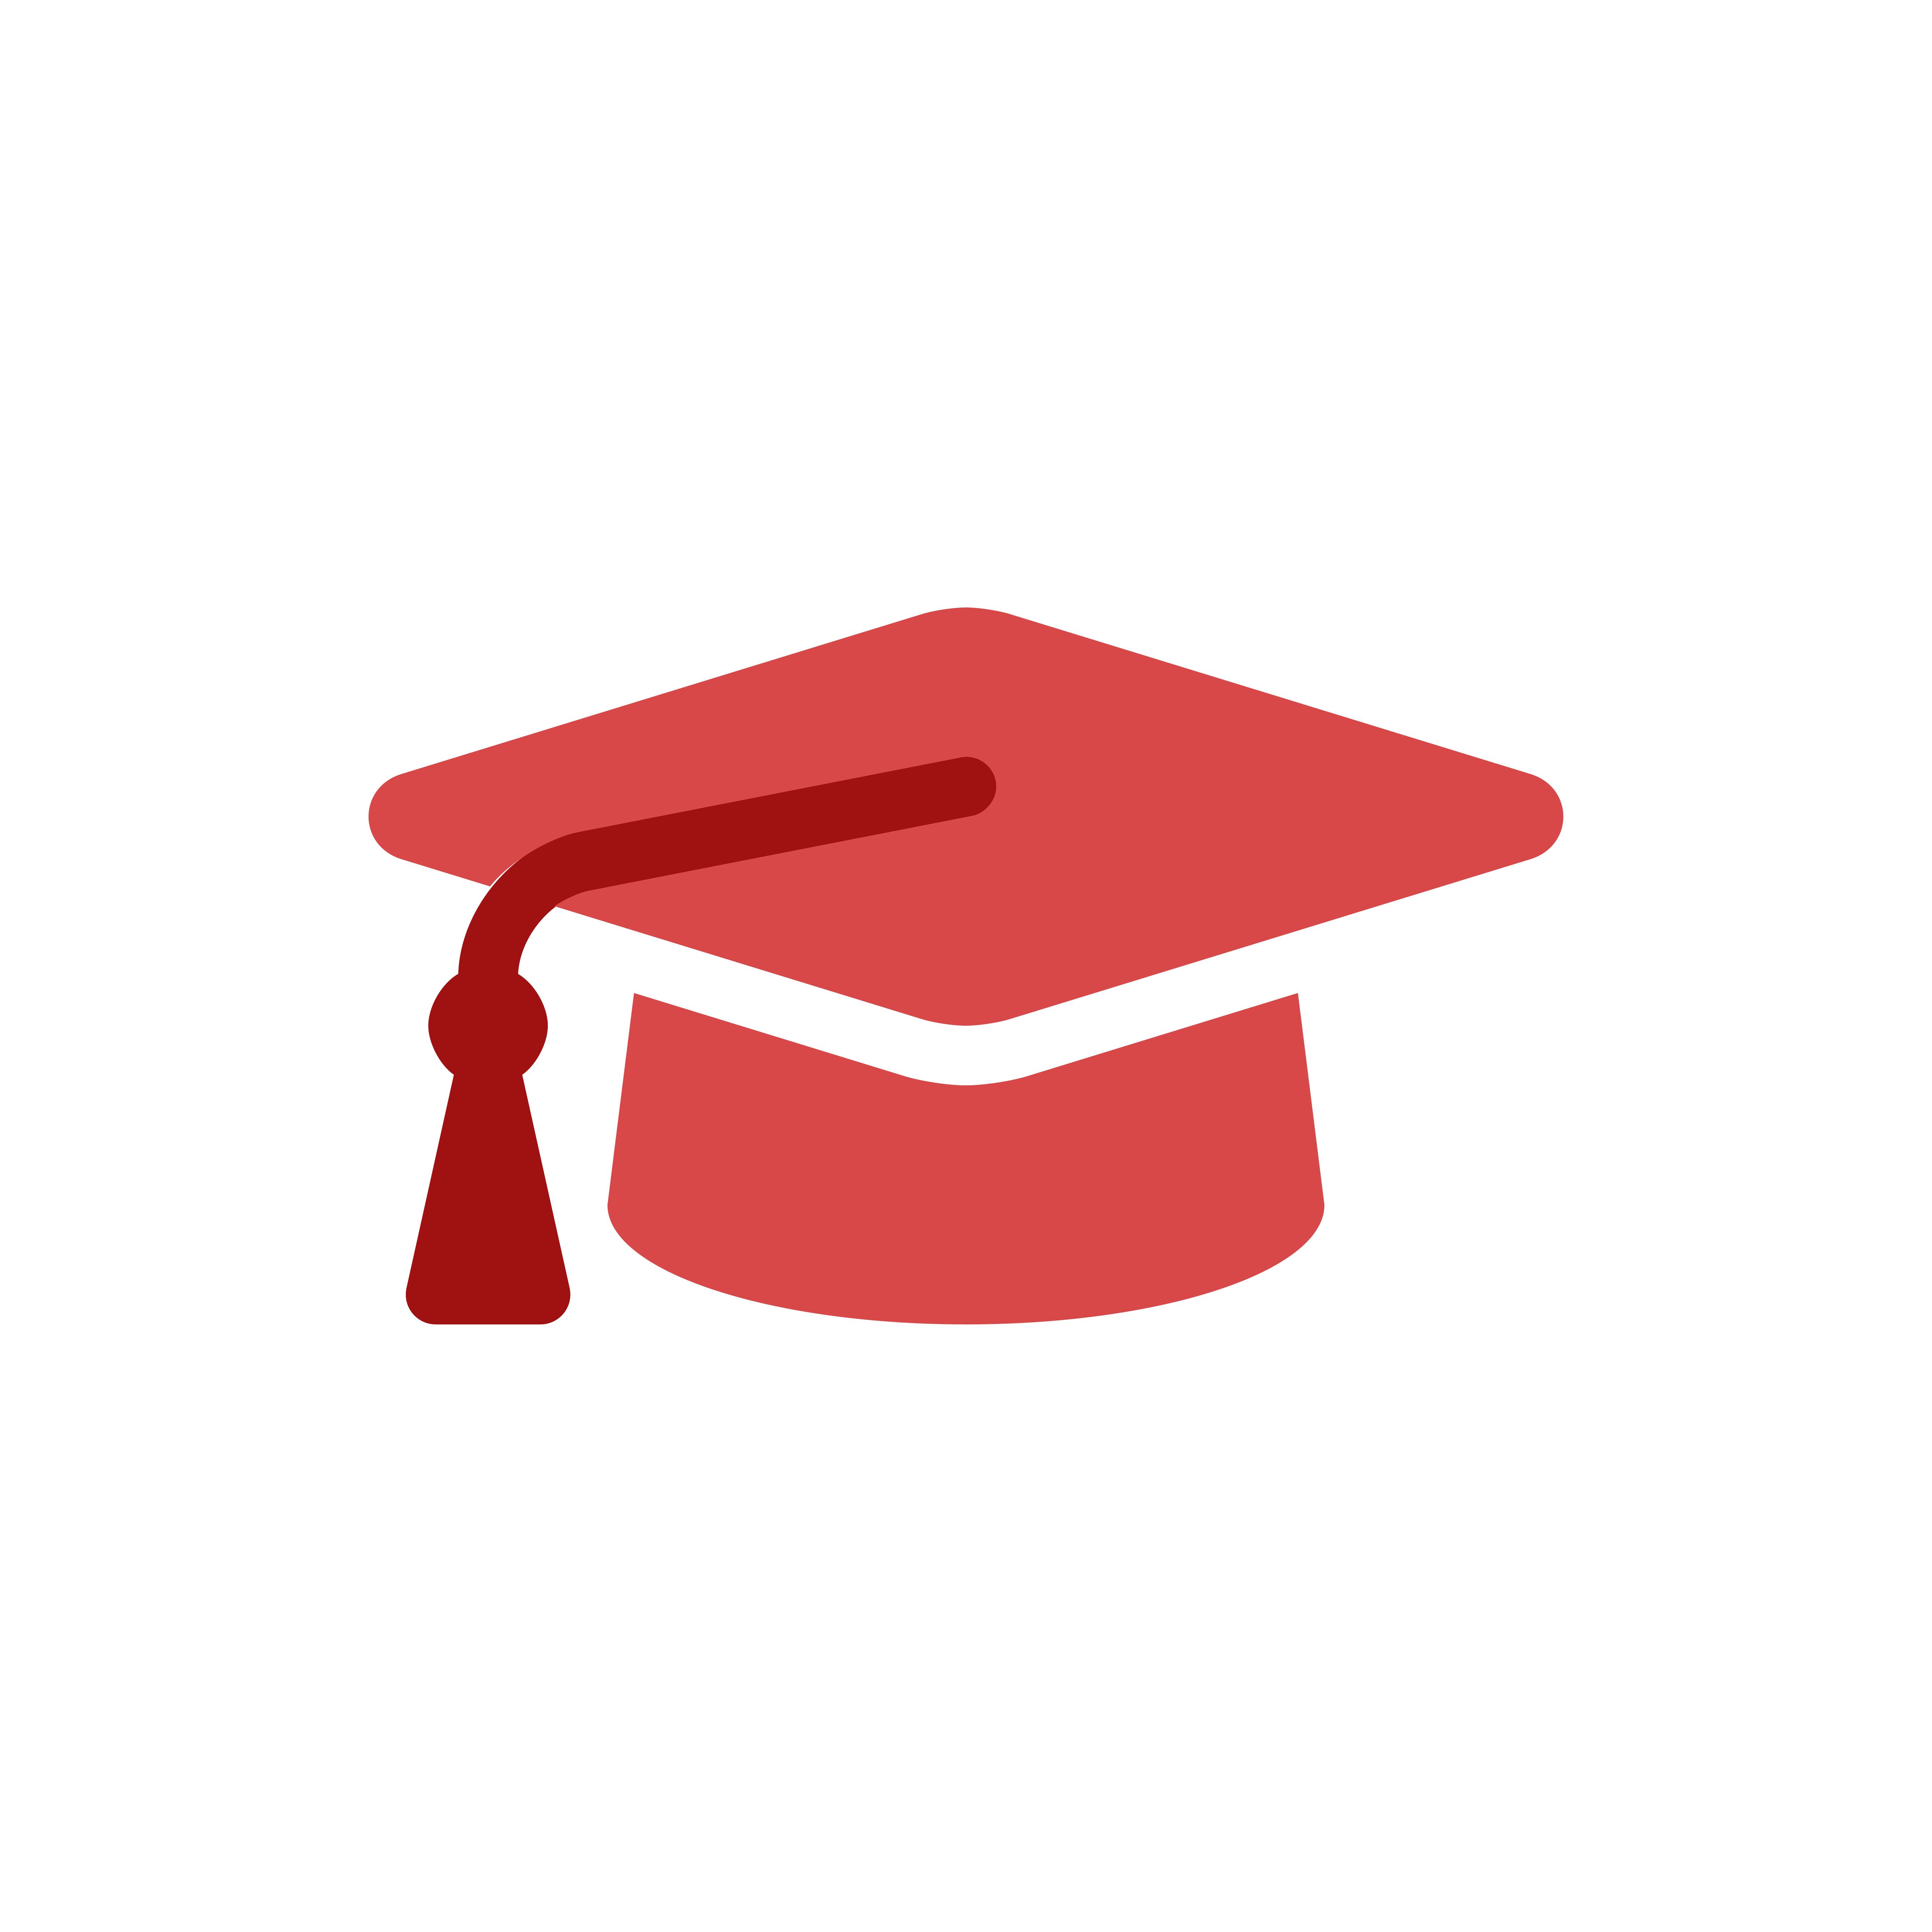 Por Fse 2014-2020 Contributi per servizi educativi della prima infanzia a.e. 2019-2020